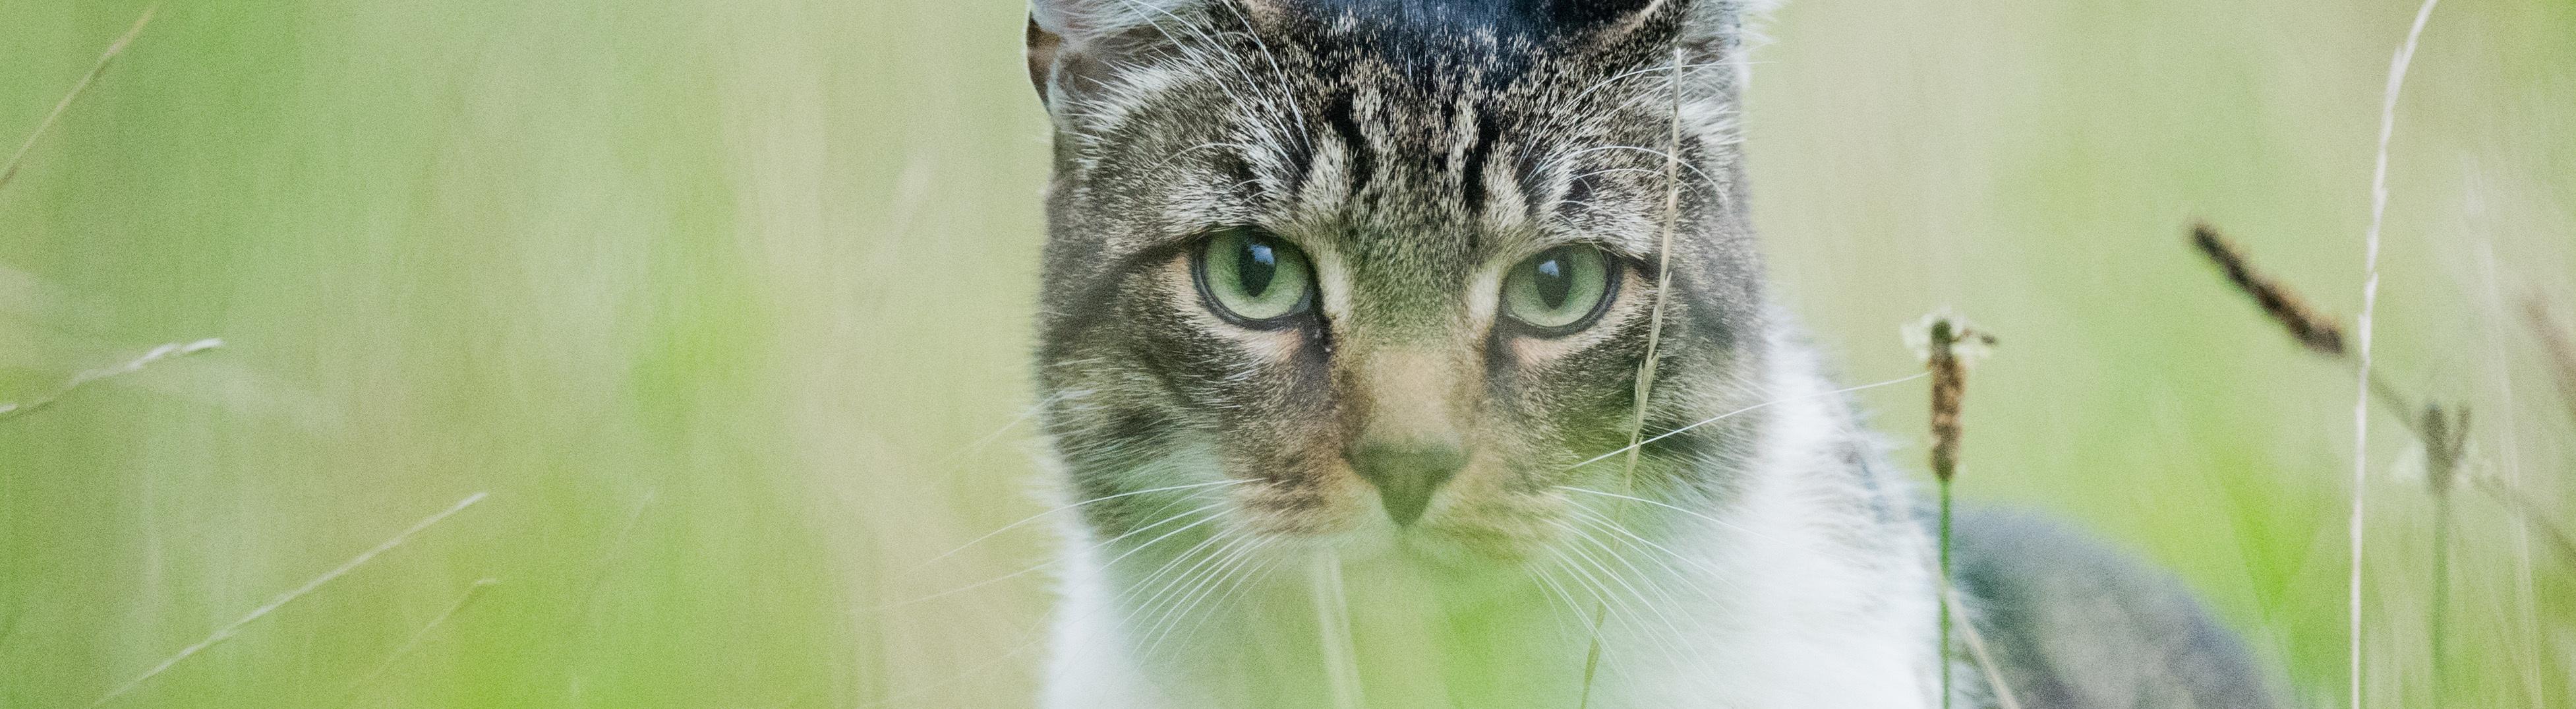 Eine Katze auf de Wiese